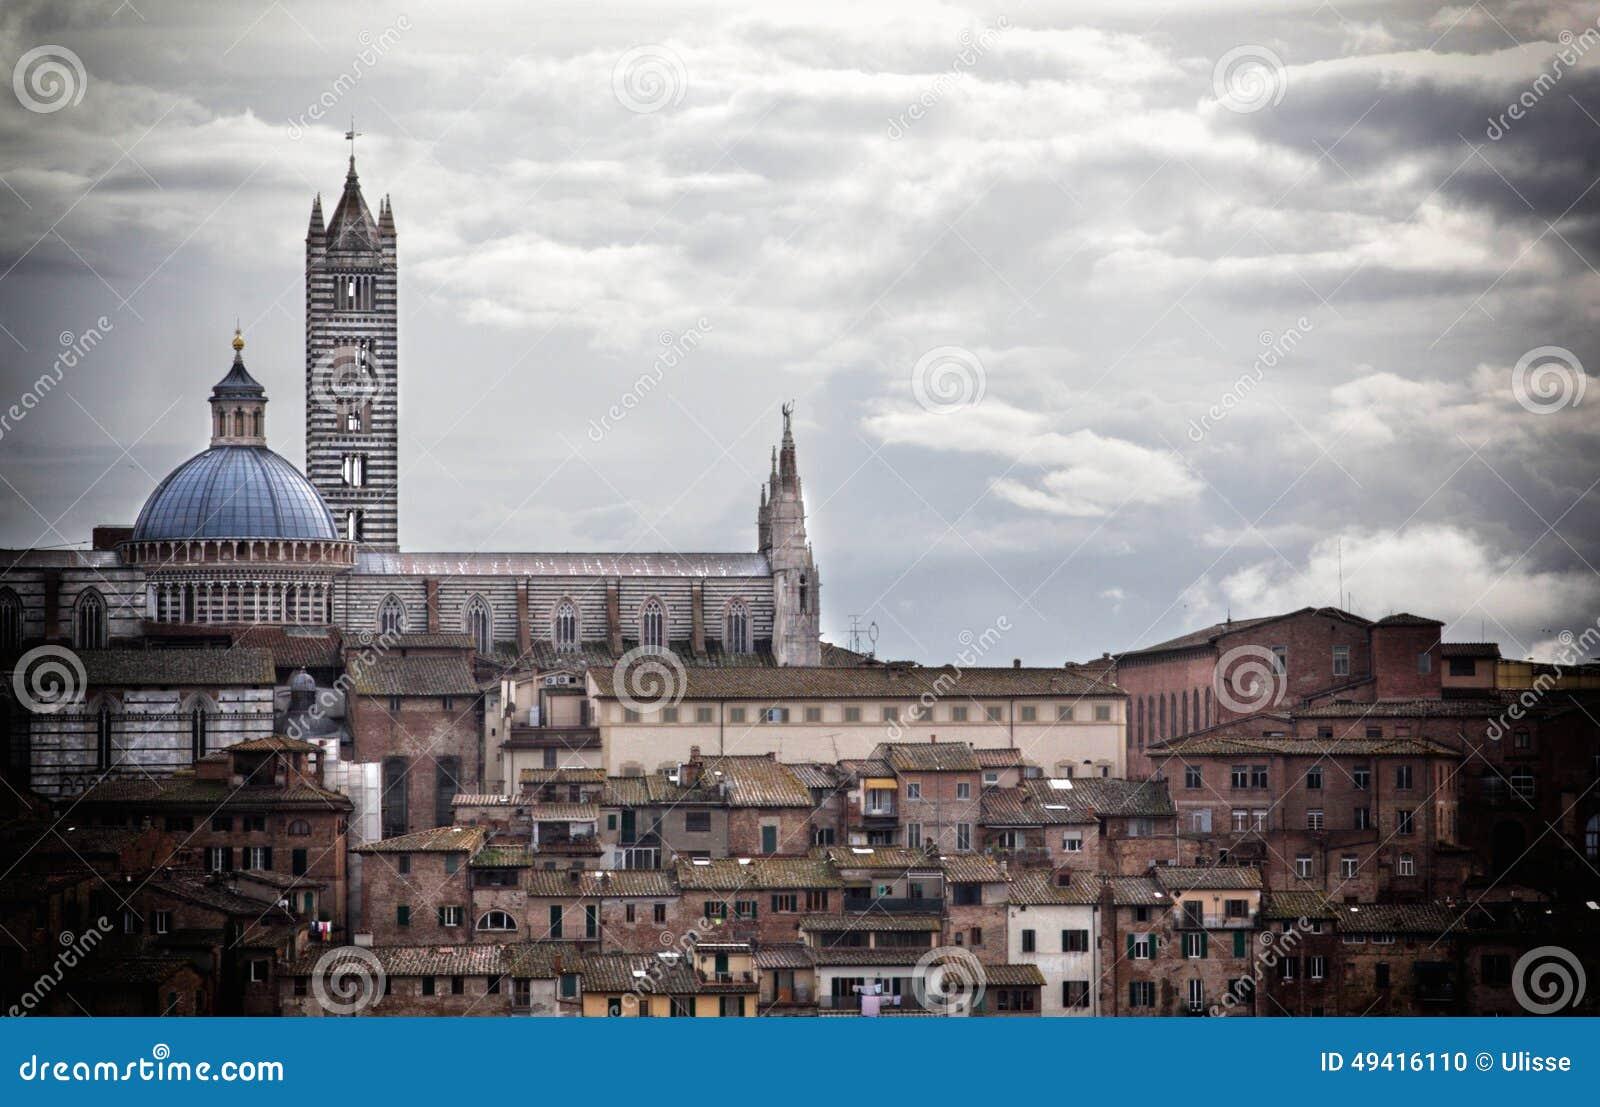 Download Siena stockfoto. Bild von berühmt, grenzstein, mittelalterlich - 49416110